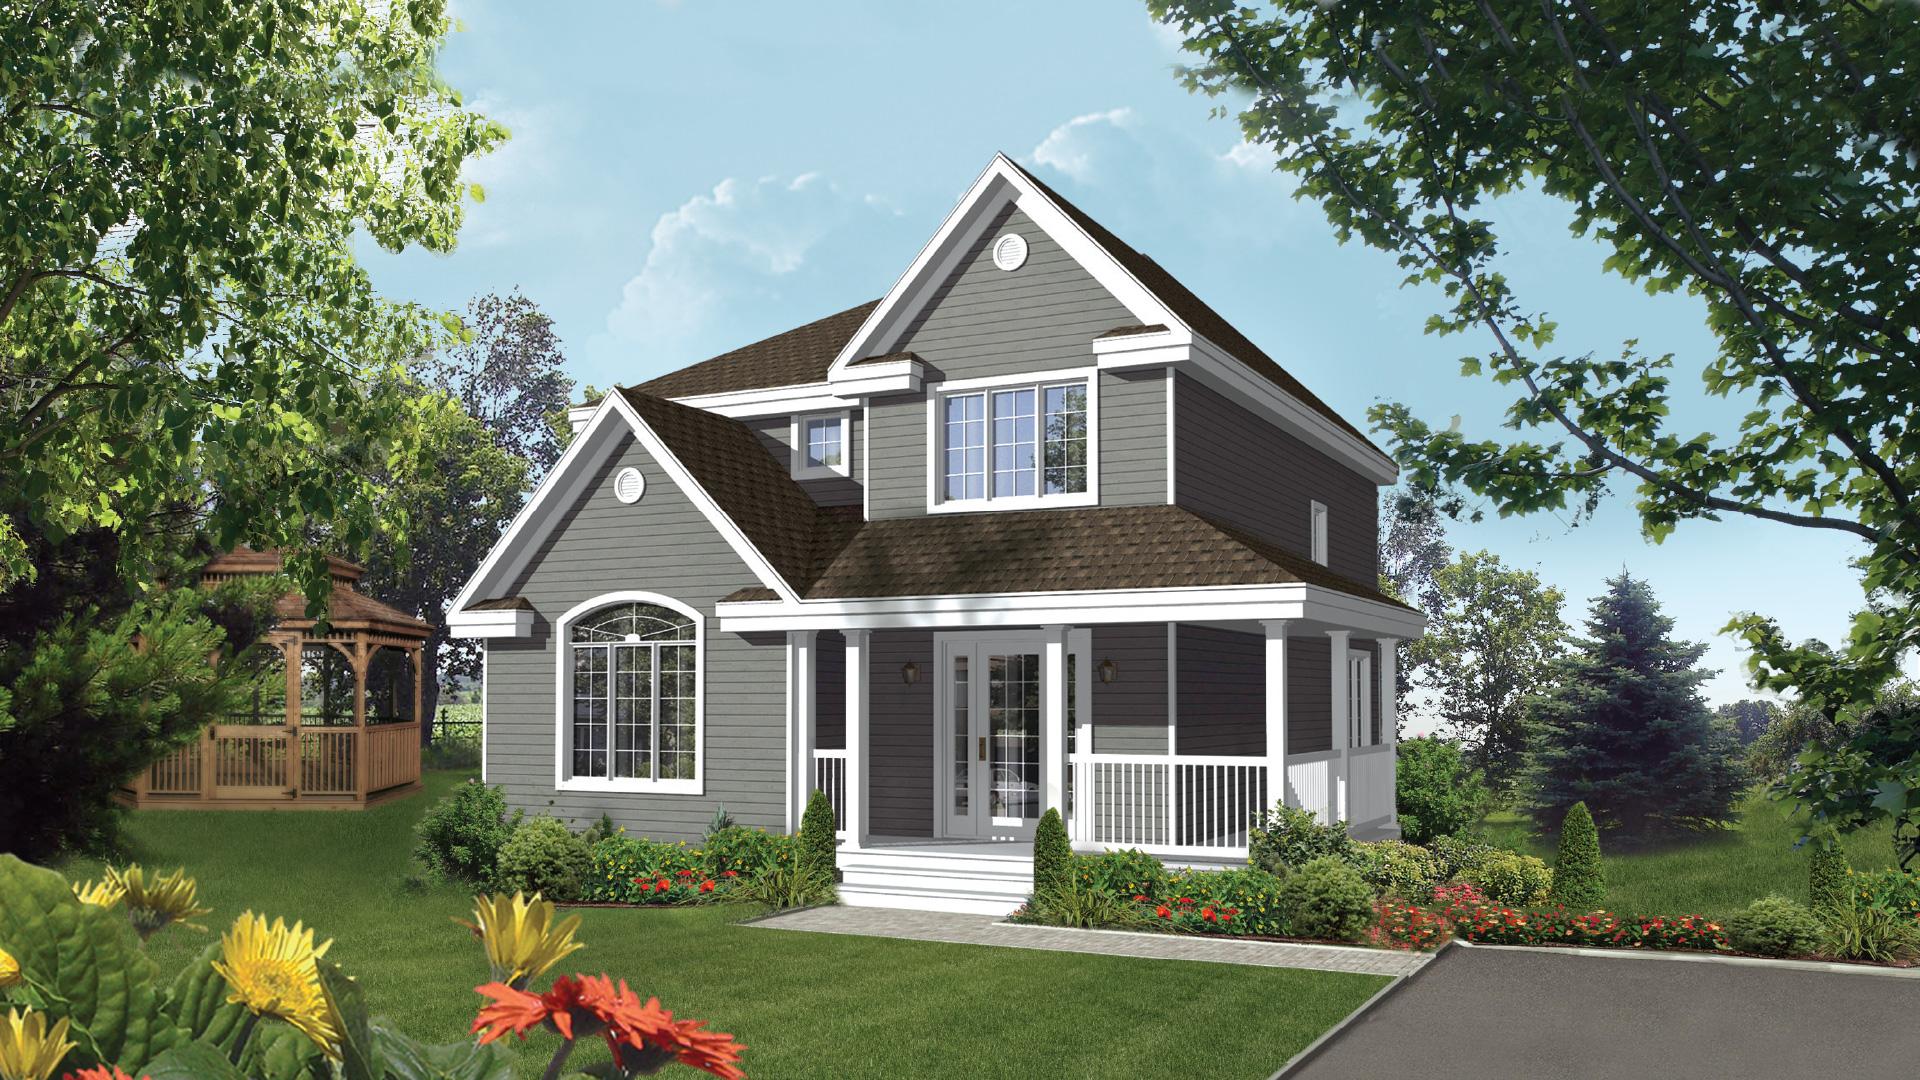 Mod le champ tre maison champ tre pro fab constructeur for Modele maison champetre